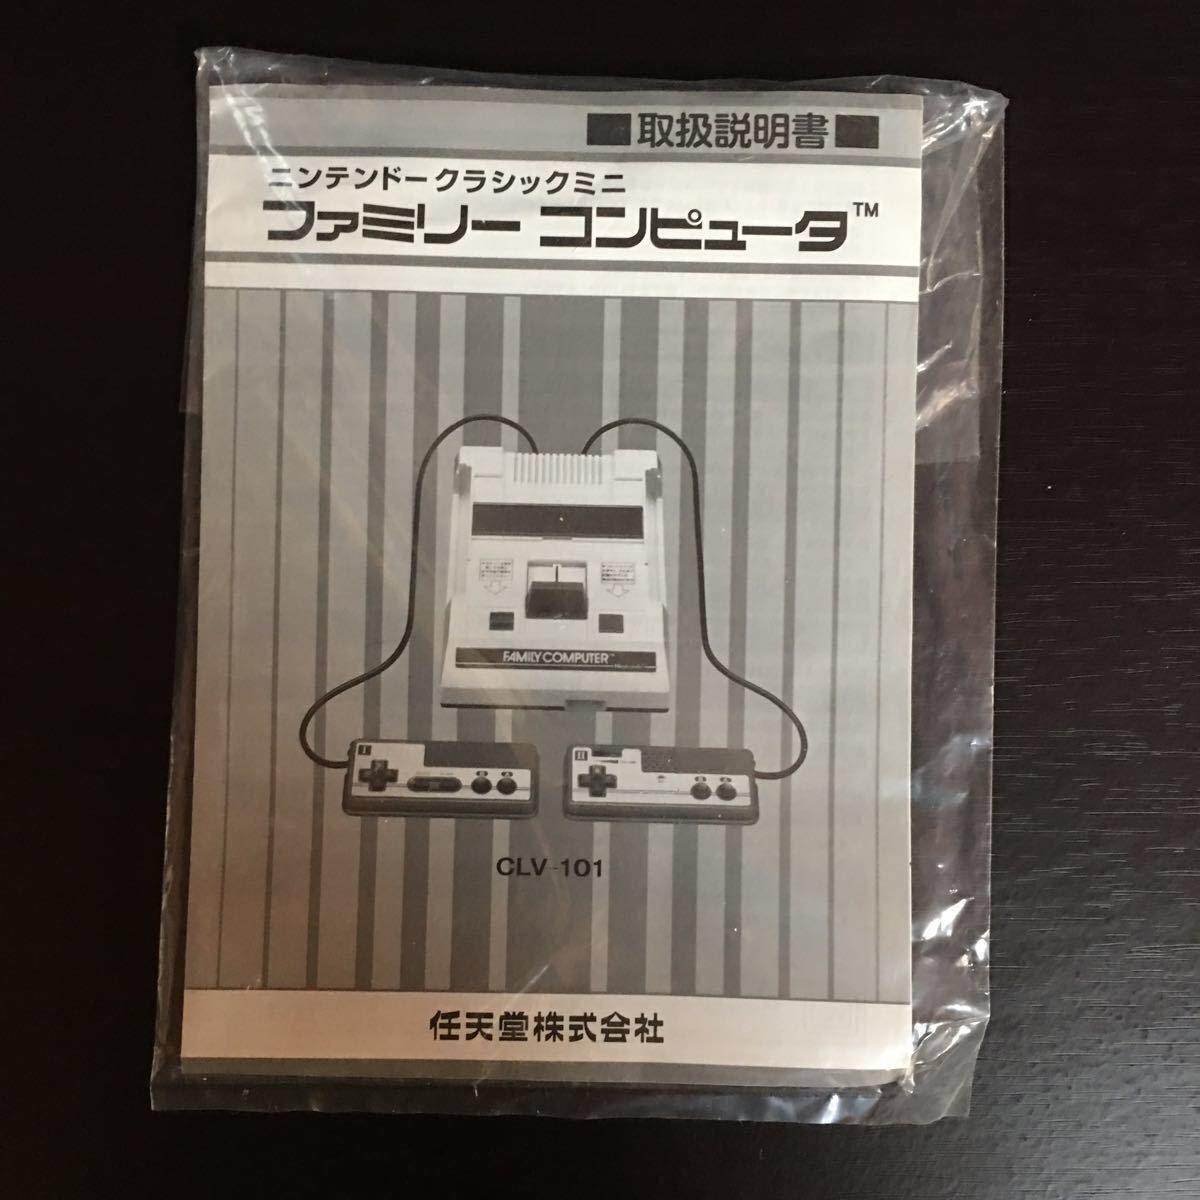 任天堂 ニンテンドー クラシックミニ ファミリーコンピュータ ファミコンミニ ACアダプタ 付き